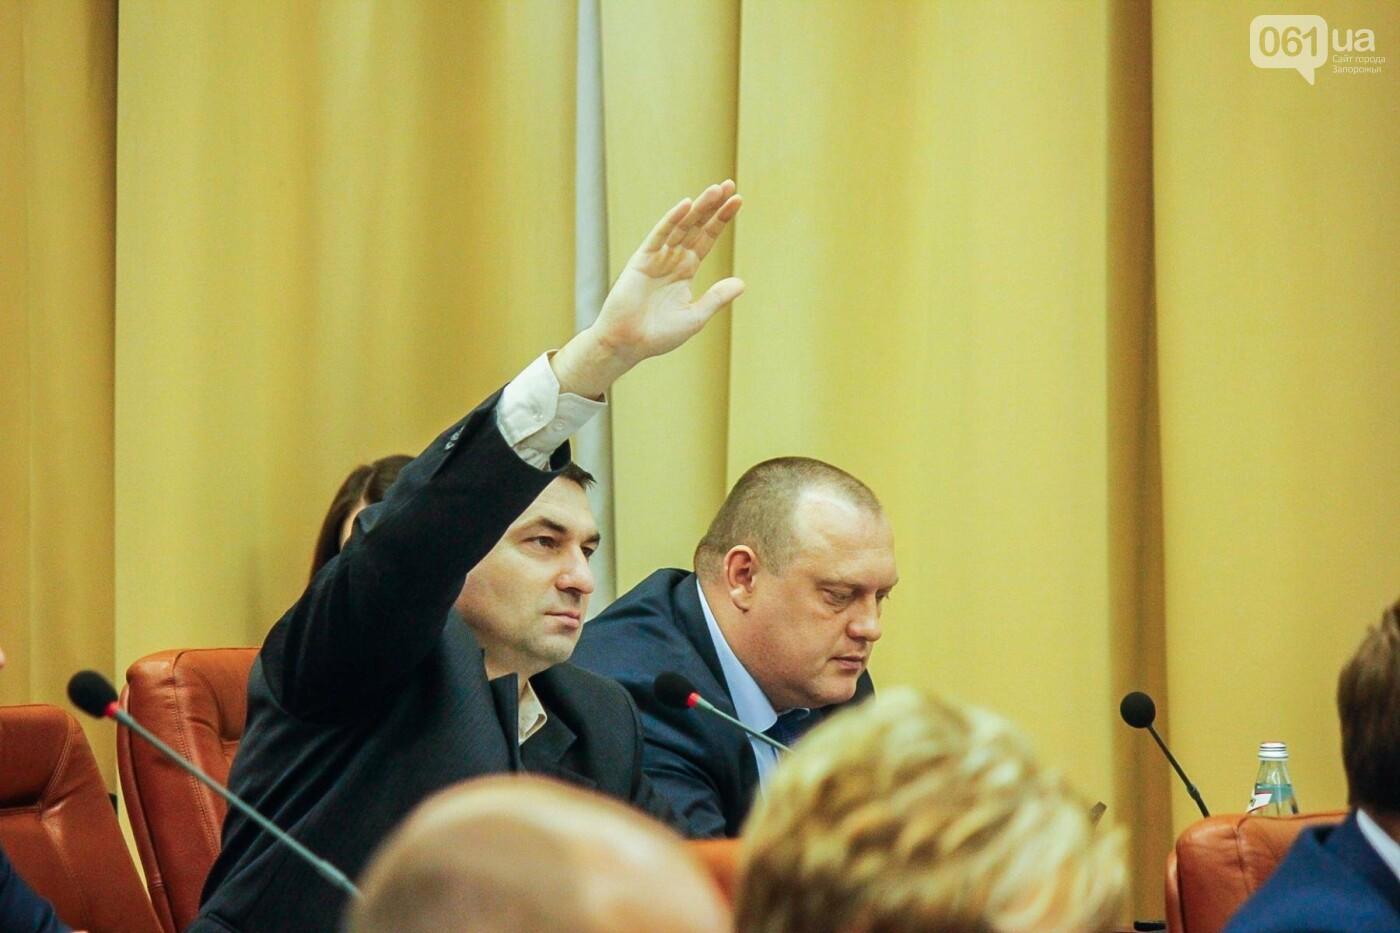 Сессия запорожского горсовета в лицах, - ФОТОРЕПОРТАЖ, фото-8